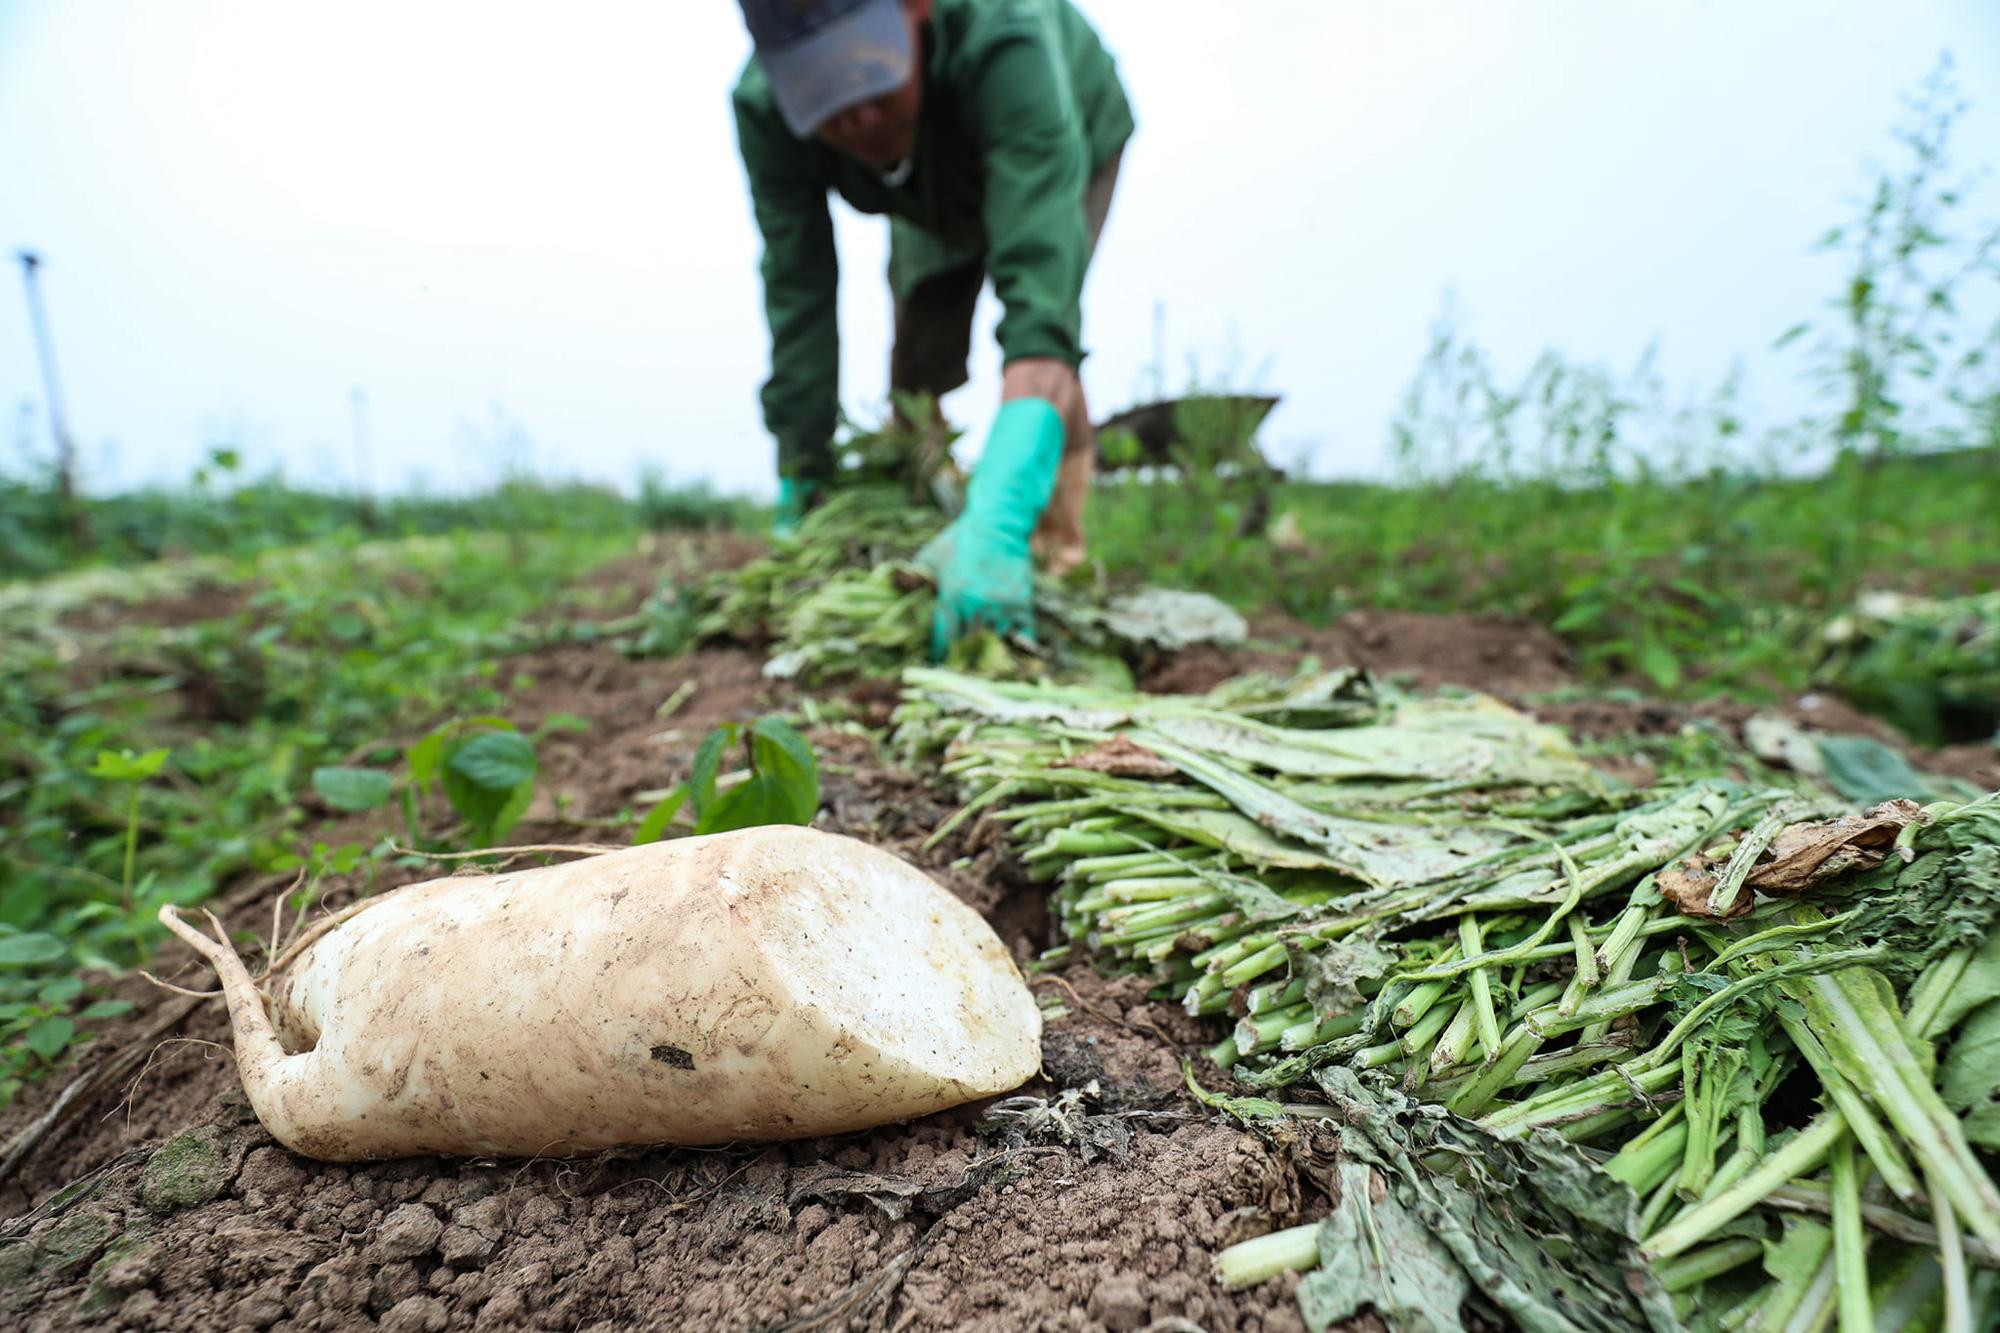 Hàng trăm tấn củ cải rớt giá thảm hại, người dân Hà Nội xót xa nhổ bỏ vì bán không ai mua - Ảnh 2.